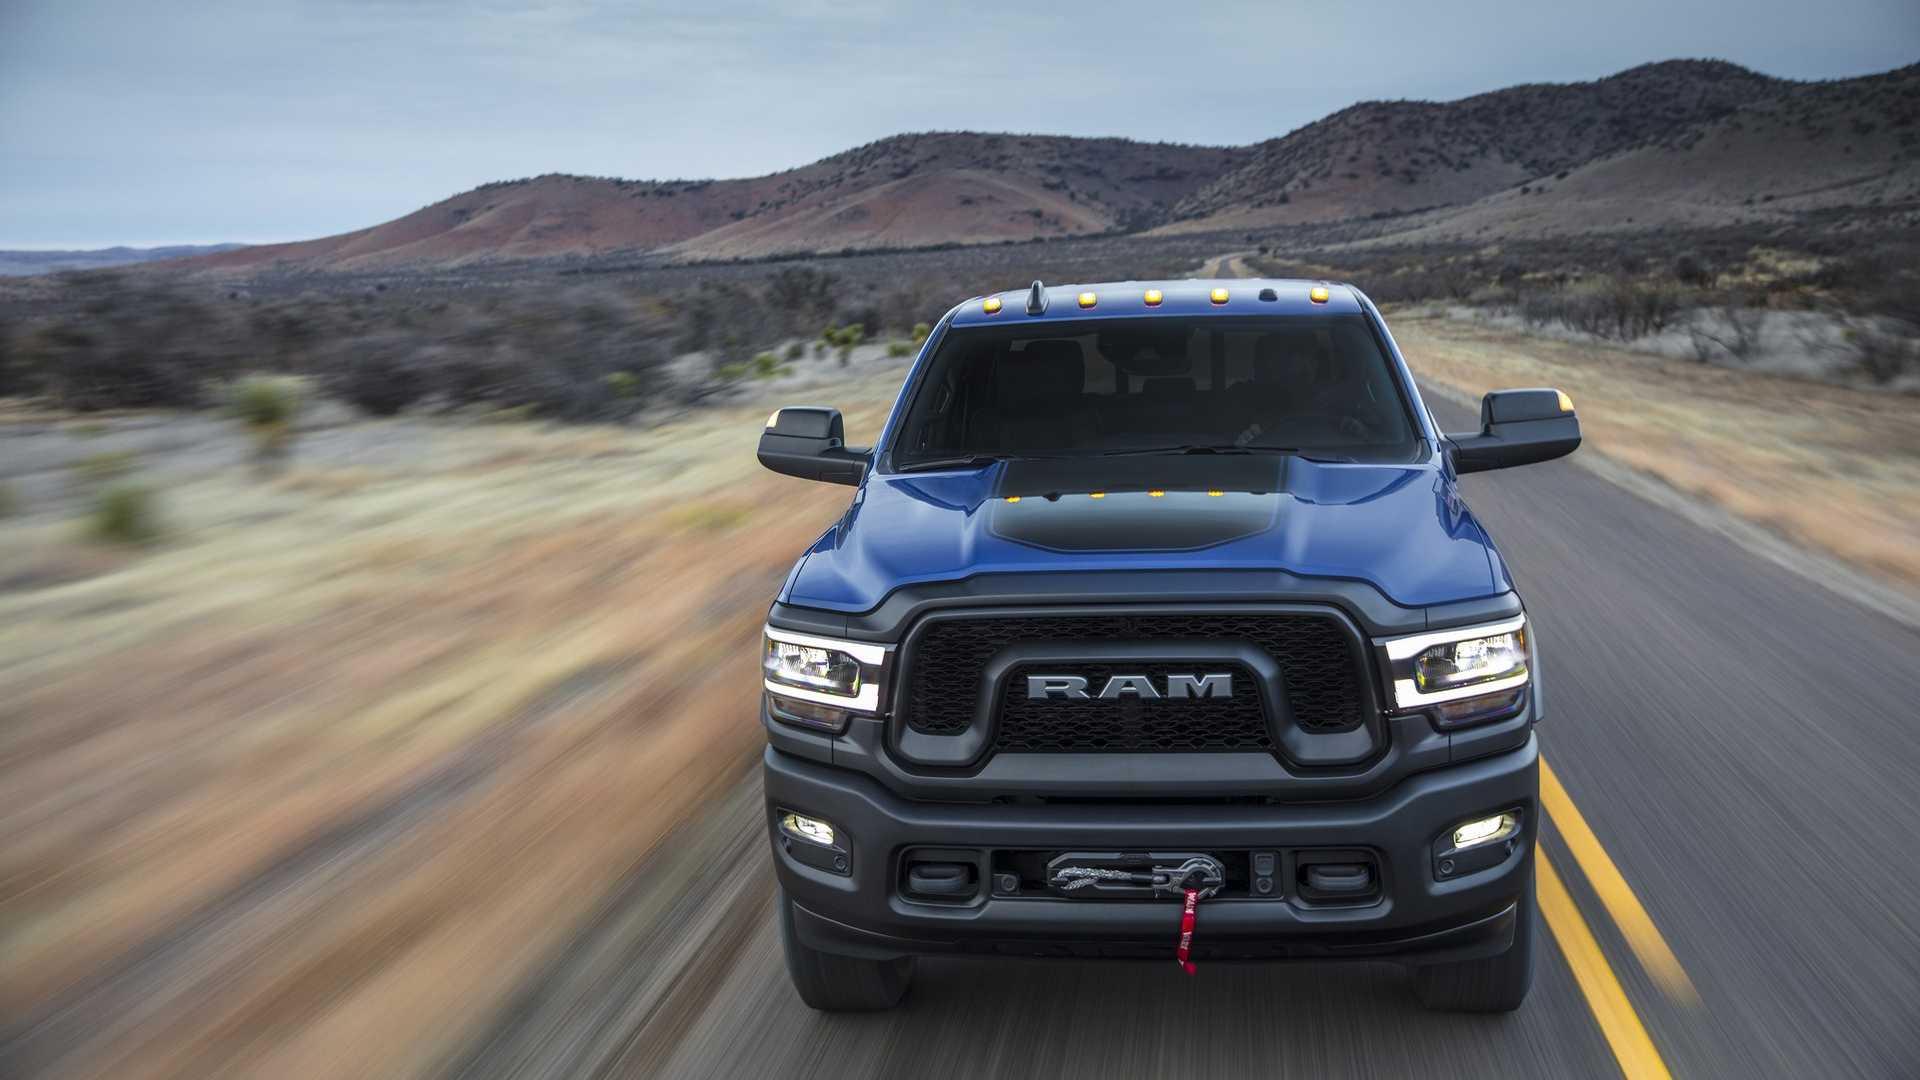 2019-ram-heavy-duty-exterior (68)